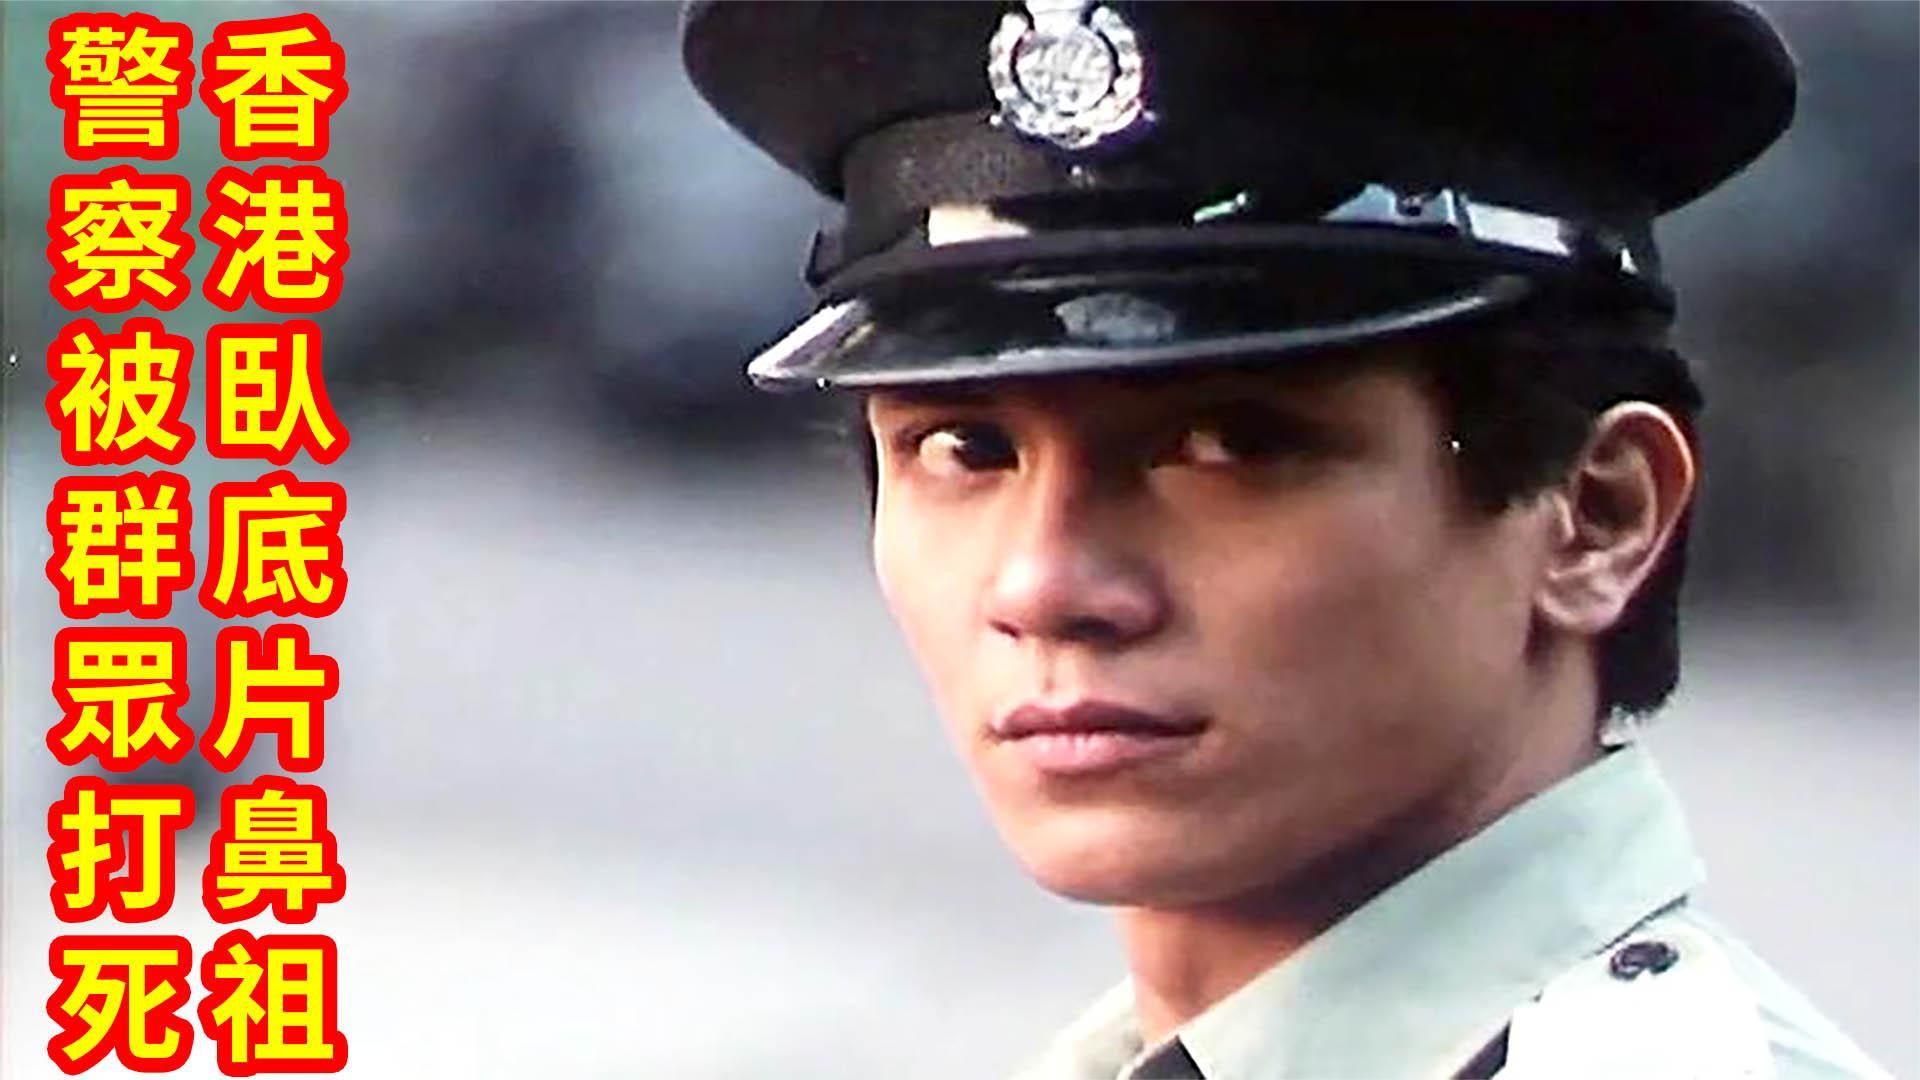 40年前,香港警队声名狼藉,于是特意拍了这部电影重塑形象